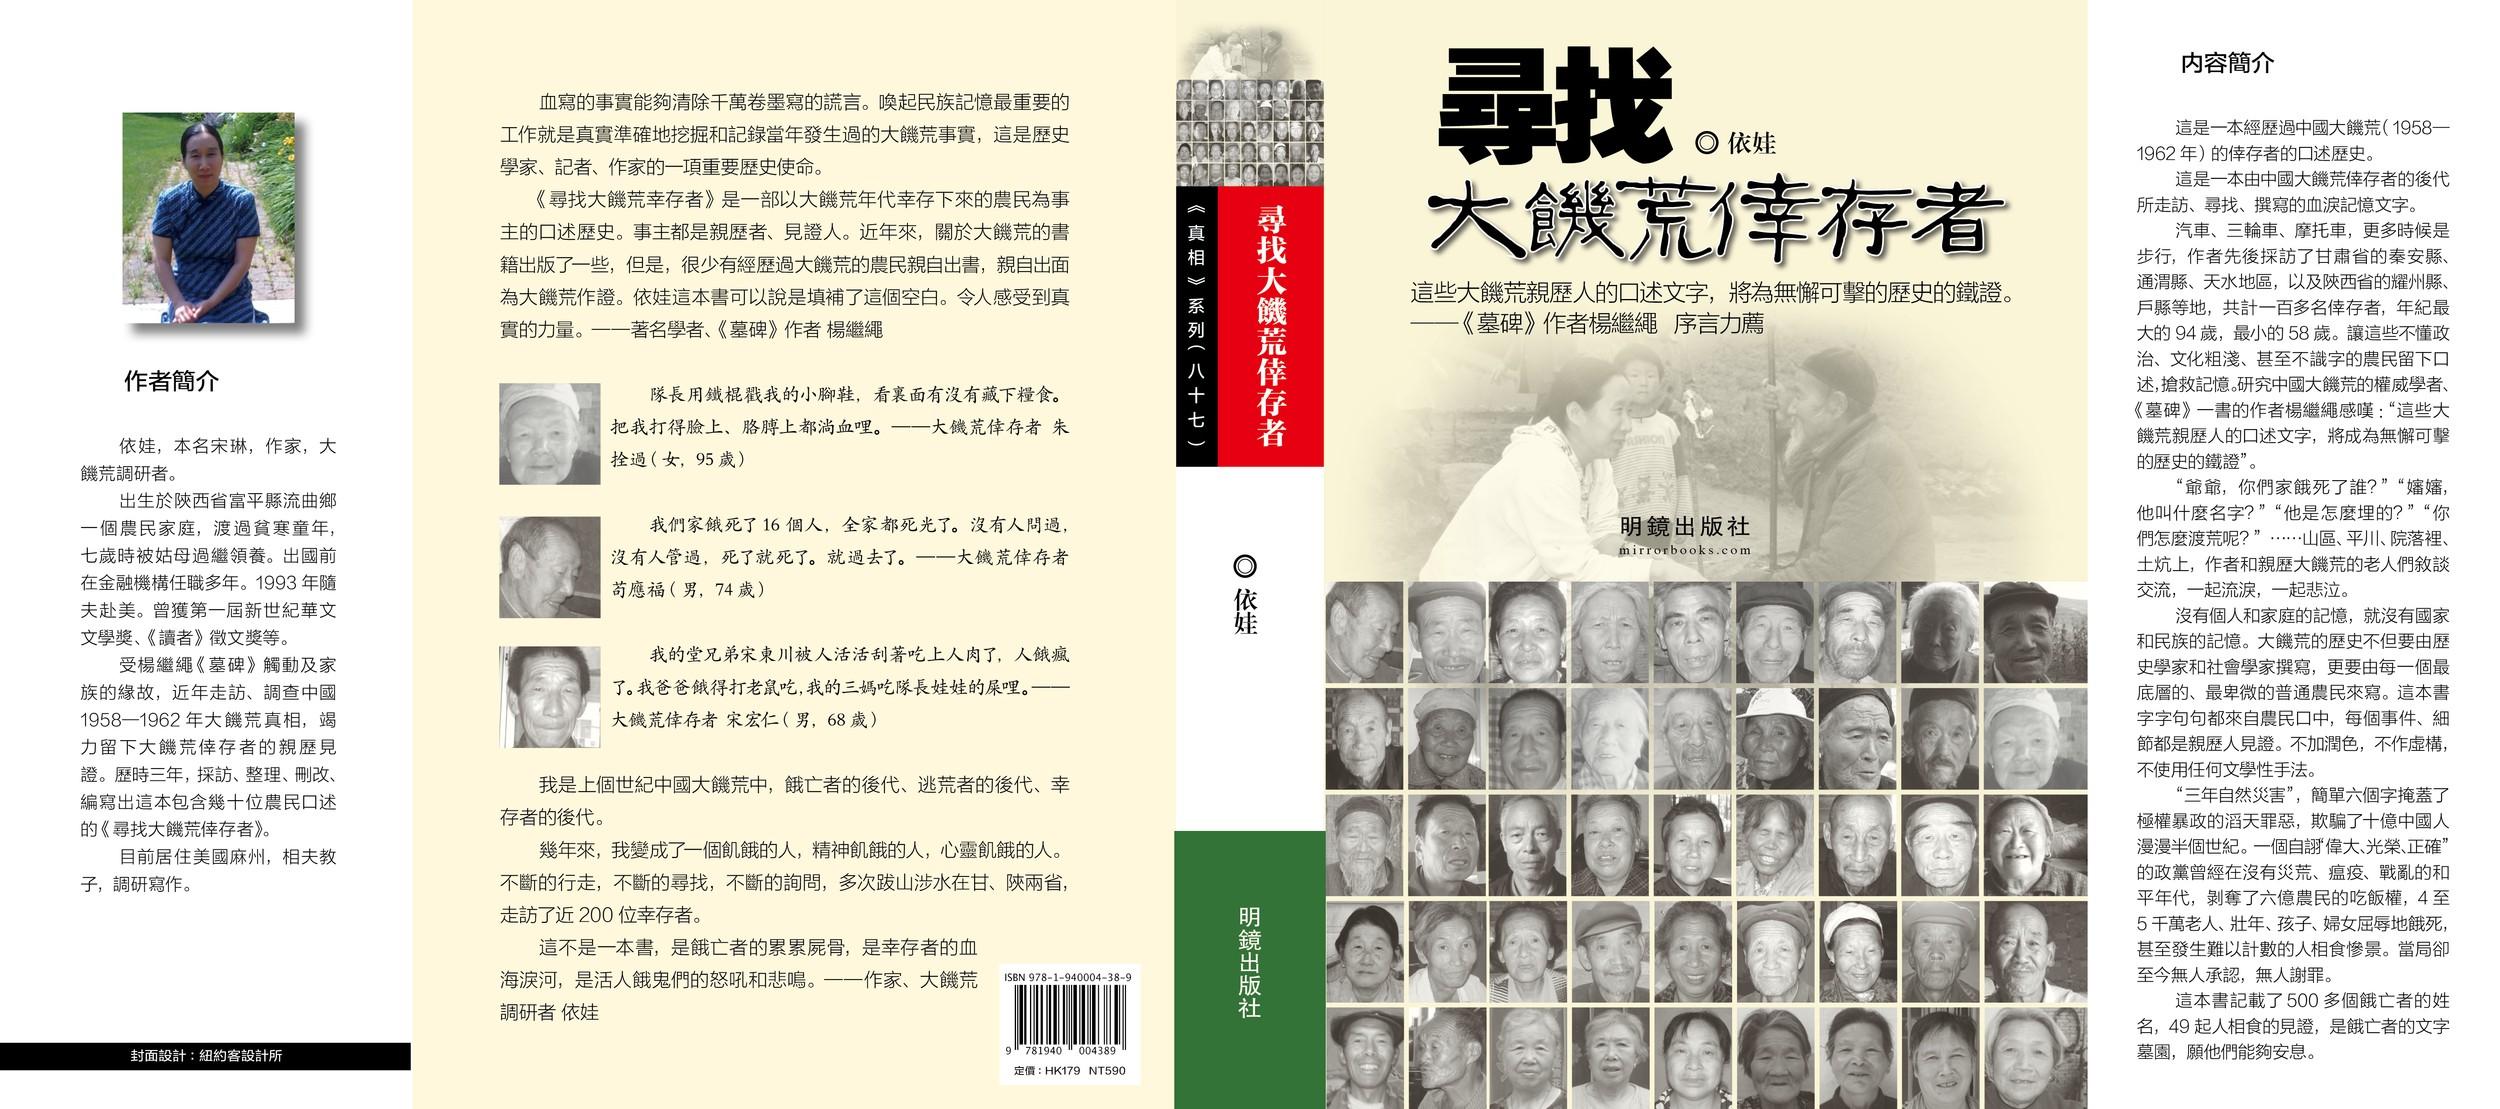 2013年,作家依娃在美国出版了口述史《寻找大饥荒幸存者》。(Public Domain)